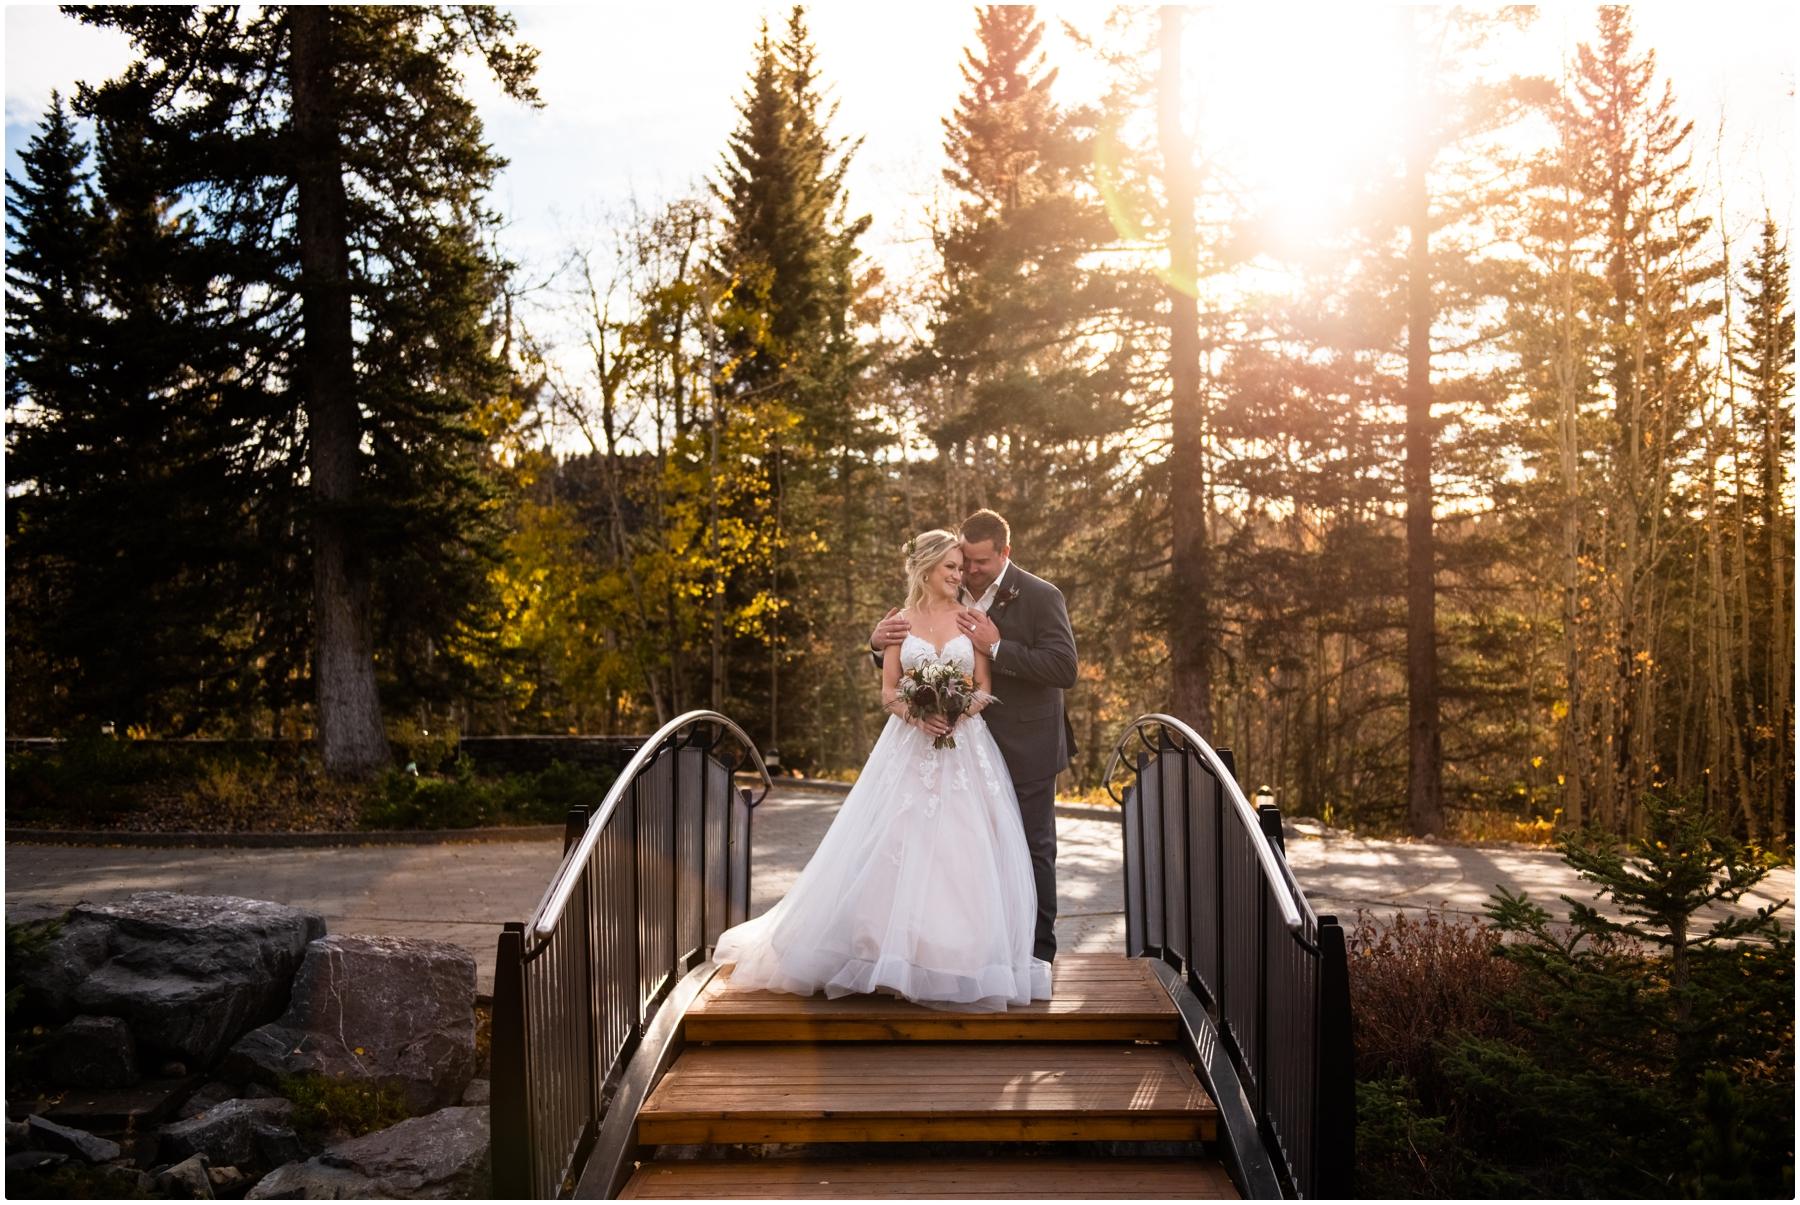 Calgary Wedding Photography - Azuridge Estate Hotel Wedding Photography